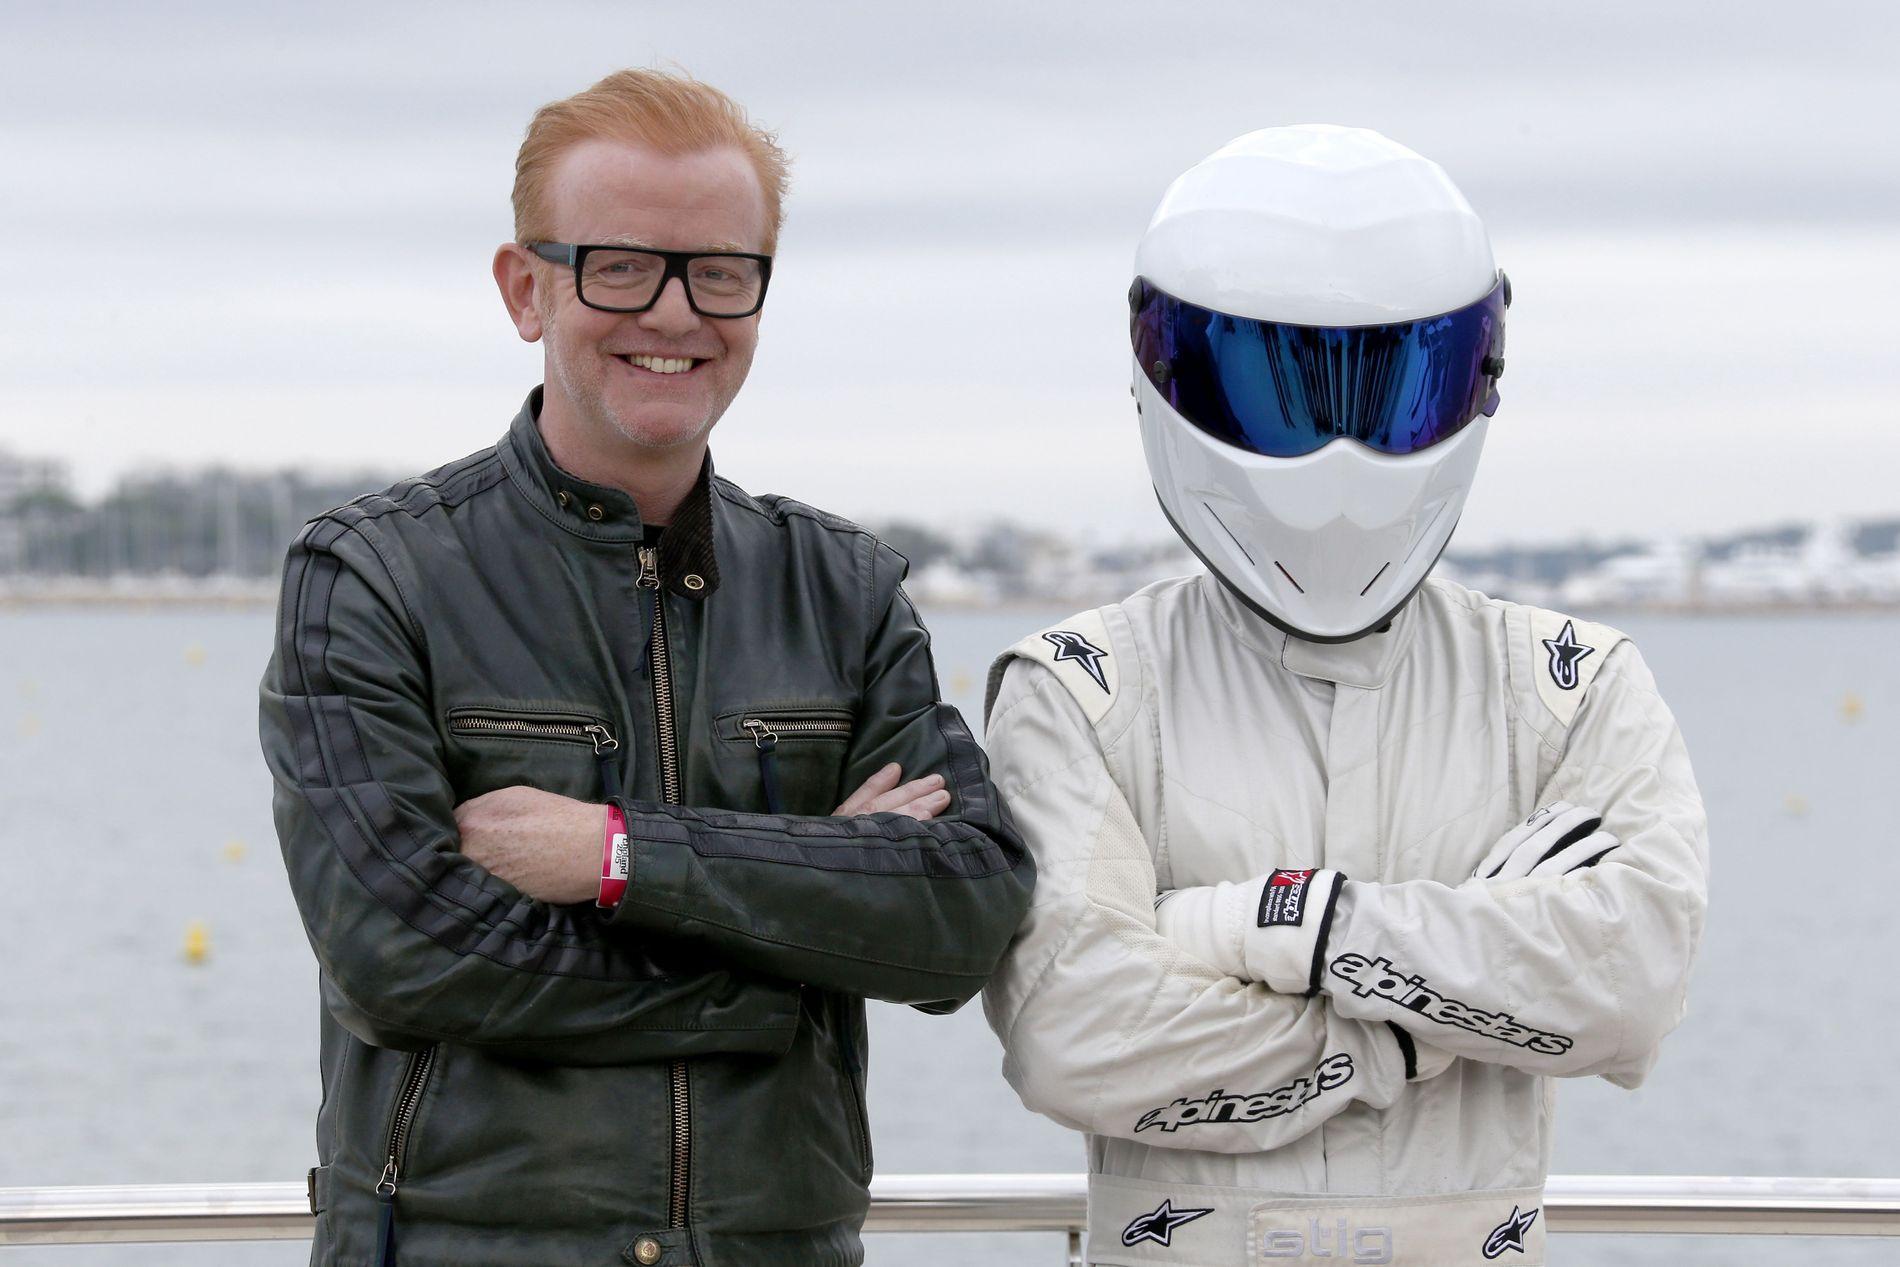 PRØVER Å HOLDE HUMØRET OPPE: Til tross for at seertallene var lave og kritikkene dårlige, prøver «Top Gear»-programleder Chris Evans å være offensiv og holde humøret oppe.